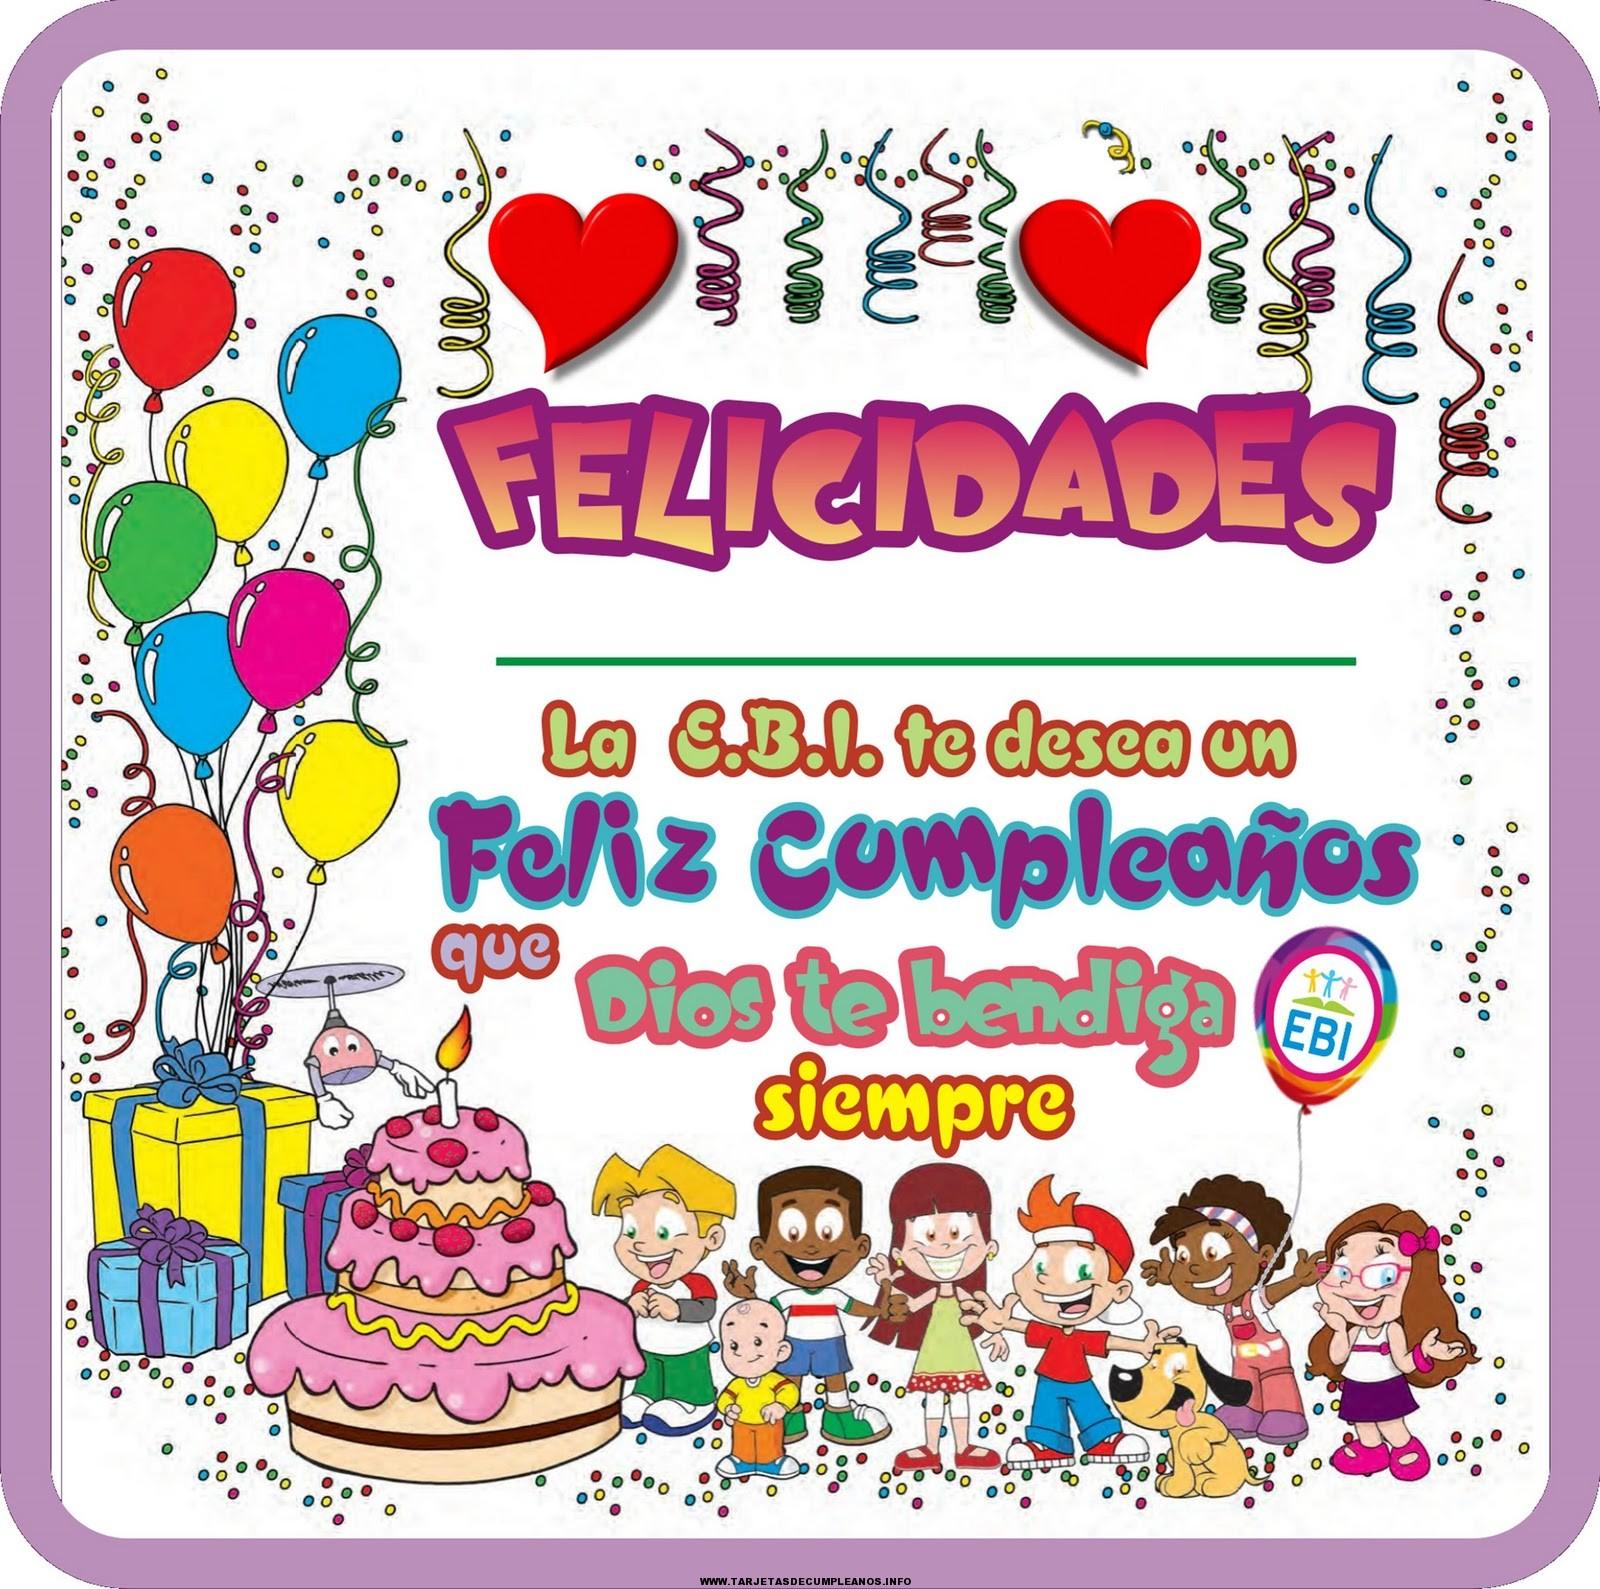 Tarjeta de cumpleaños de regalos gratis | Tarjetas de cumpleaños ...